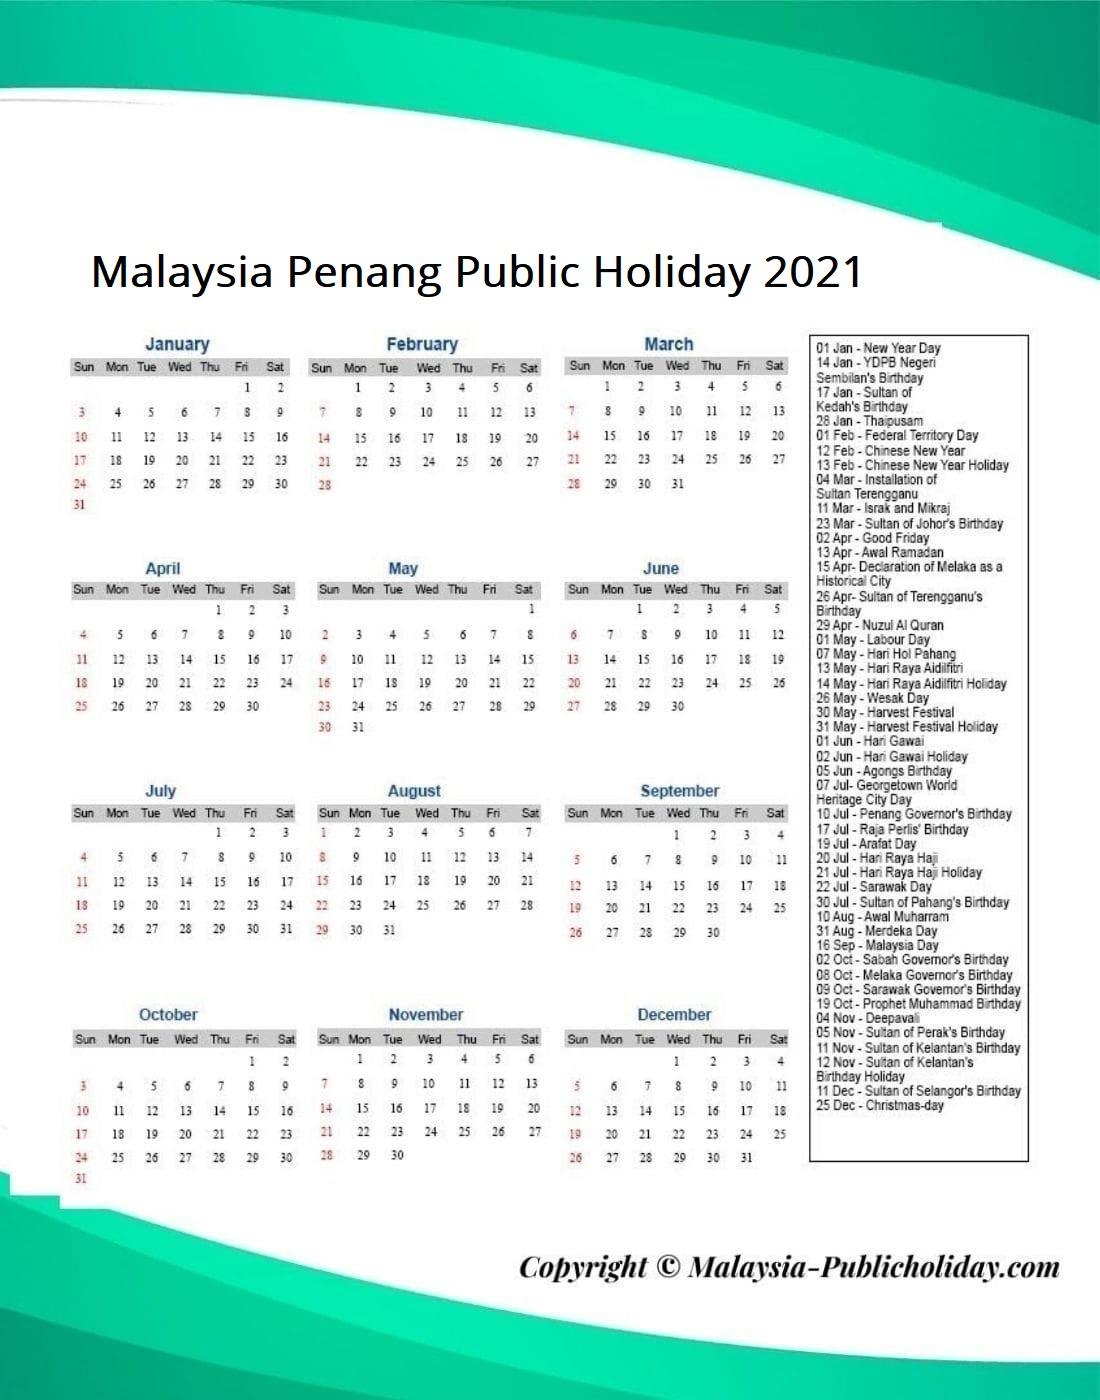 Penang Public Holiday 2021